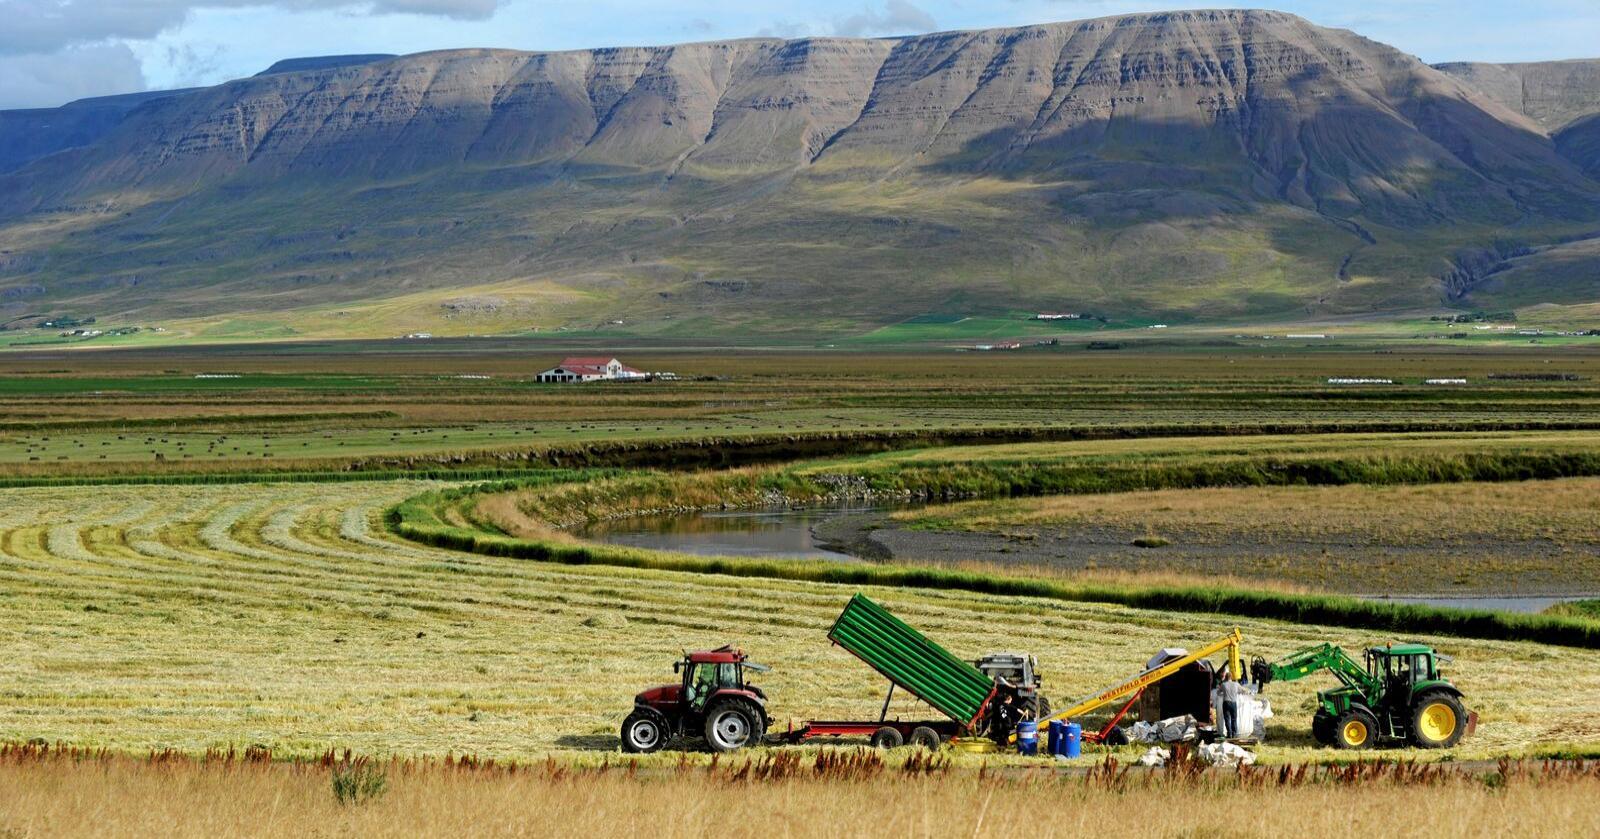 Island har i likhet med Norge inngått en egen avtale med EU om handel med landbruksprodukter. I avtalen har Norge og Island forpliktet seg til å bygge ned handelsbarrierer i landbrukssektoren. Nå vil Island se på avtalen på nytt.